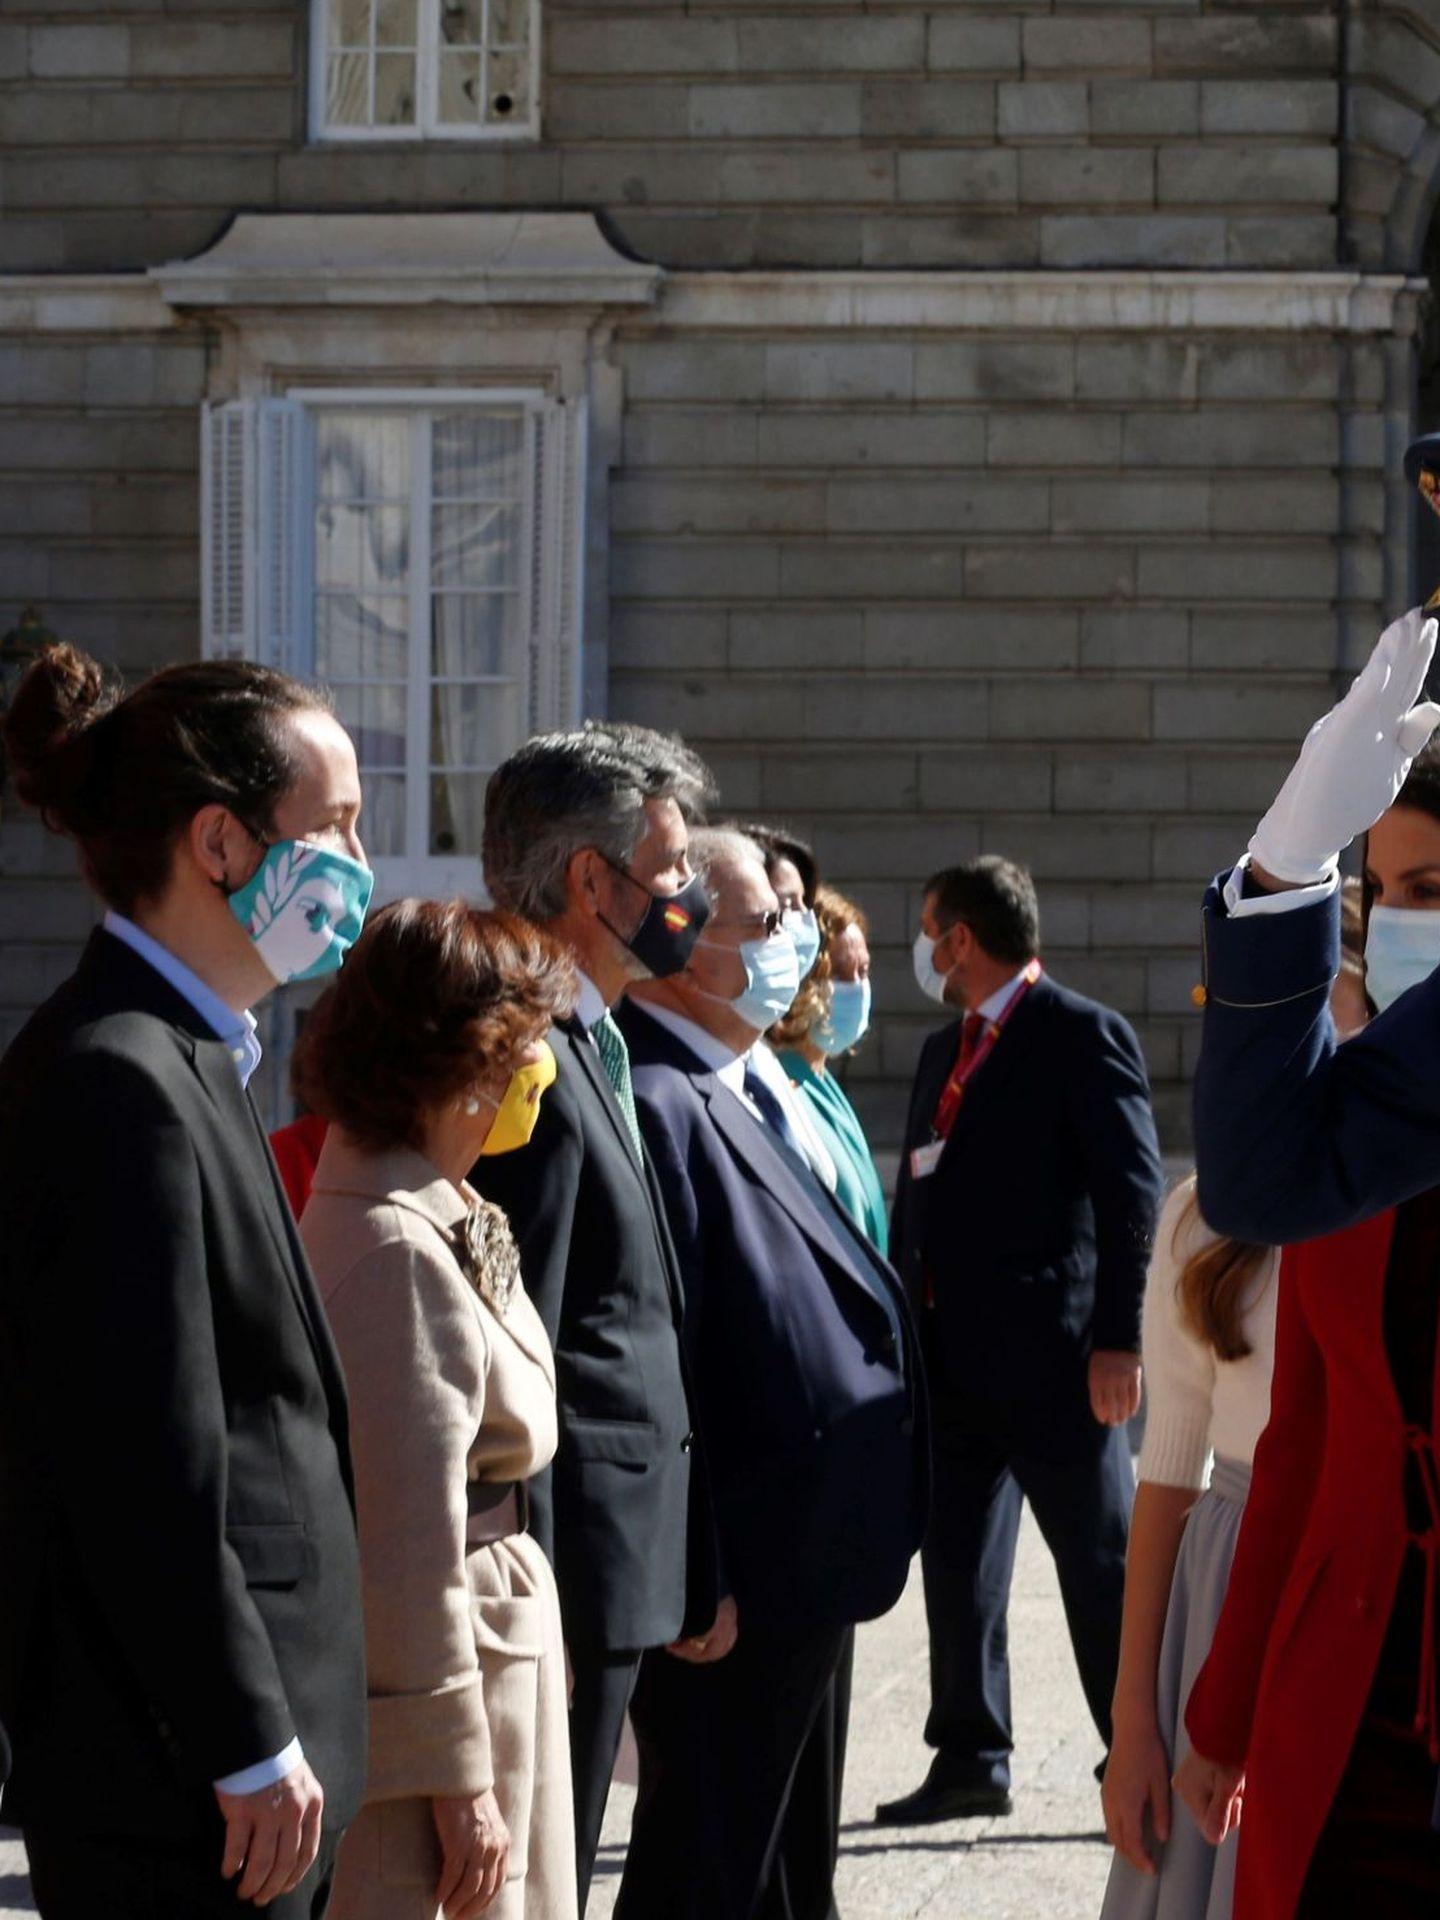 La vicepresidenta económica, Nadia Calviño, con su chaqueta de Varela. (EFE)